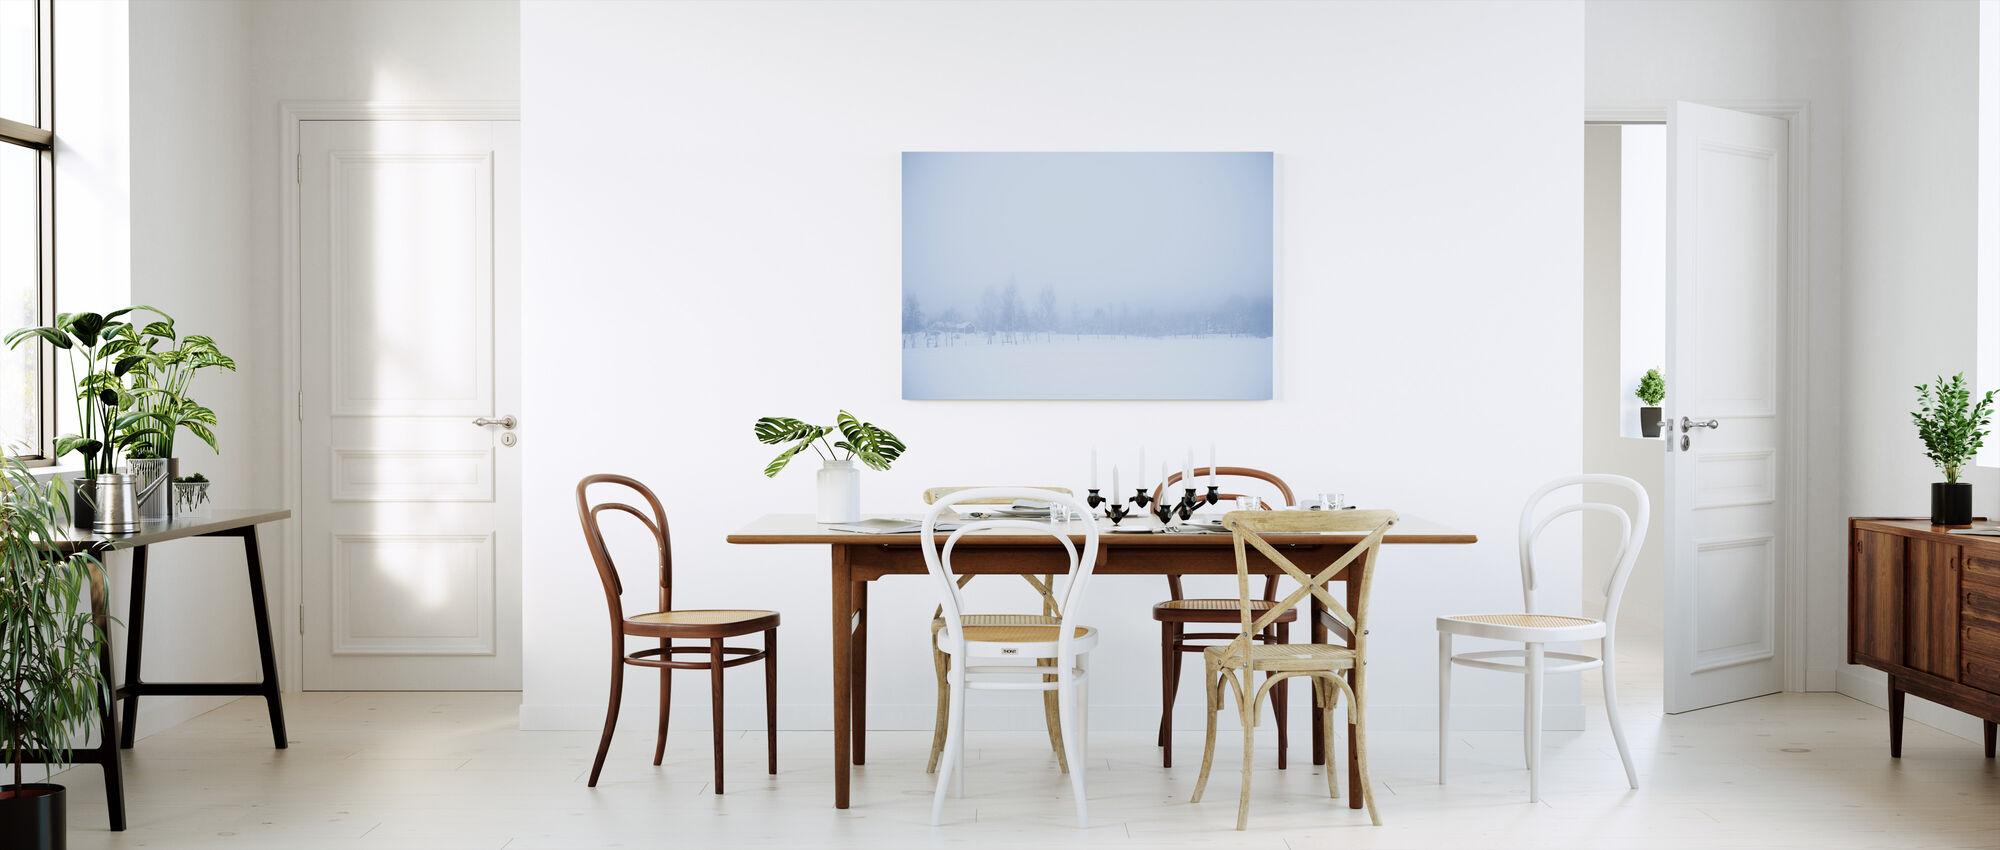 Filipshyttan covered in Fog, Sweden, Europe - Canvas print - Kitchen